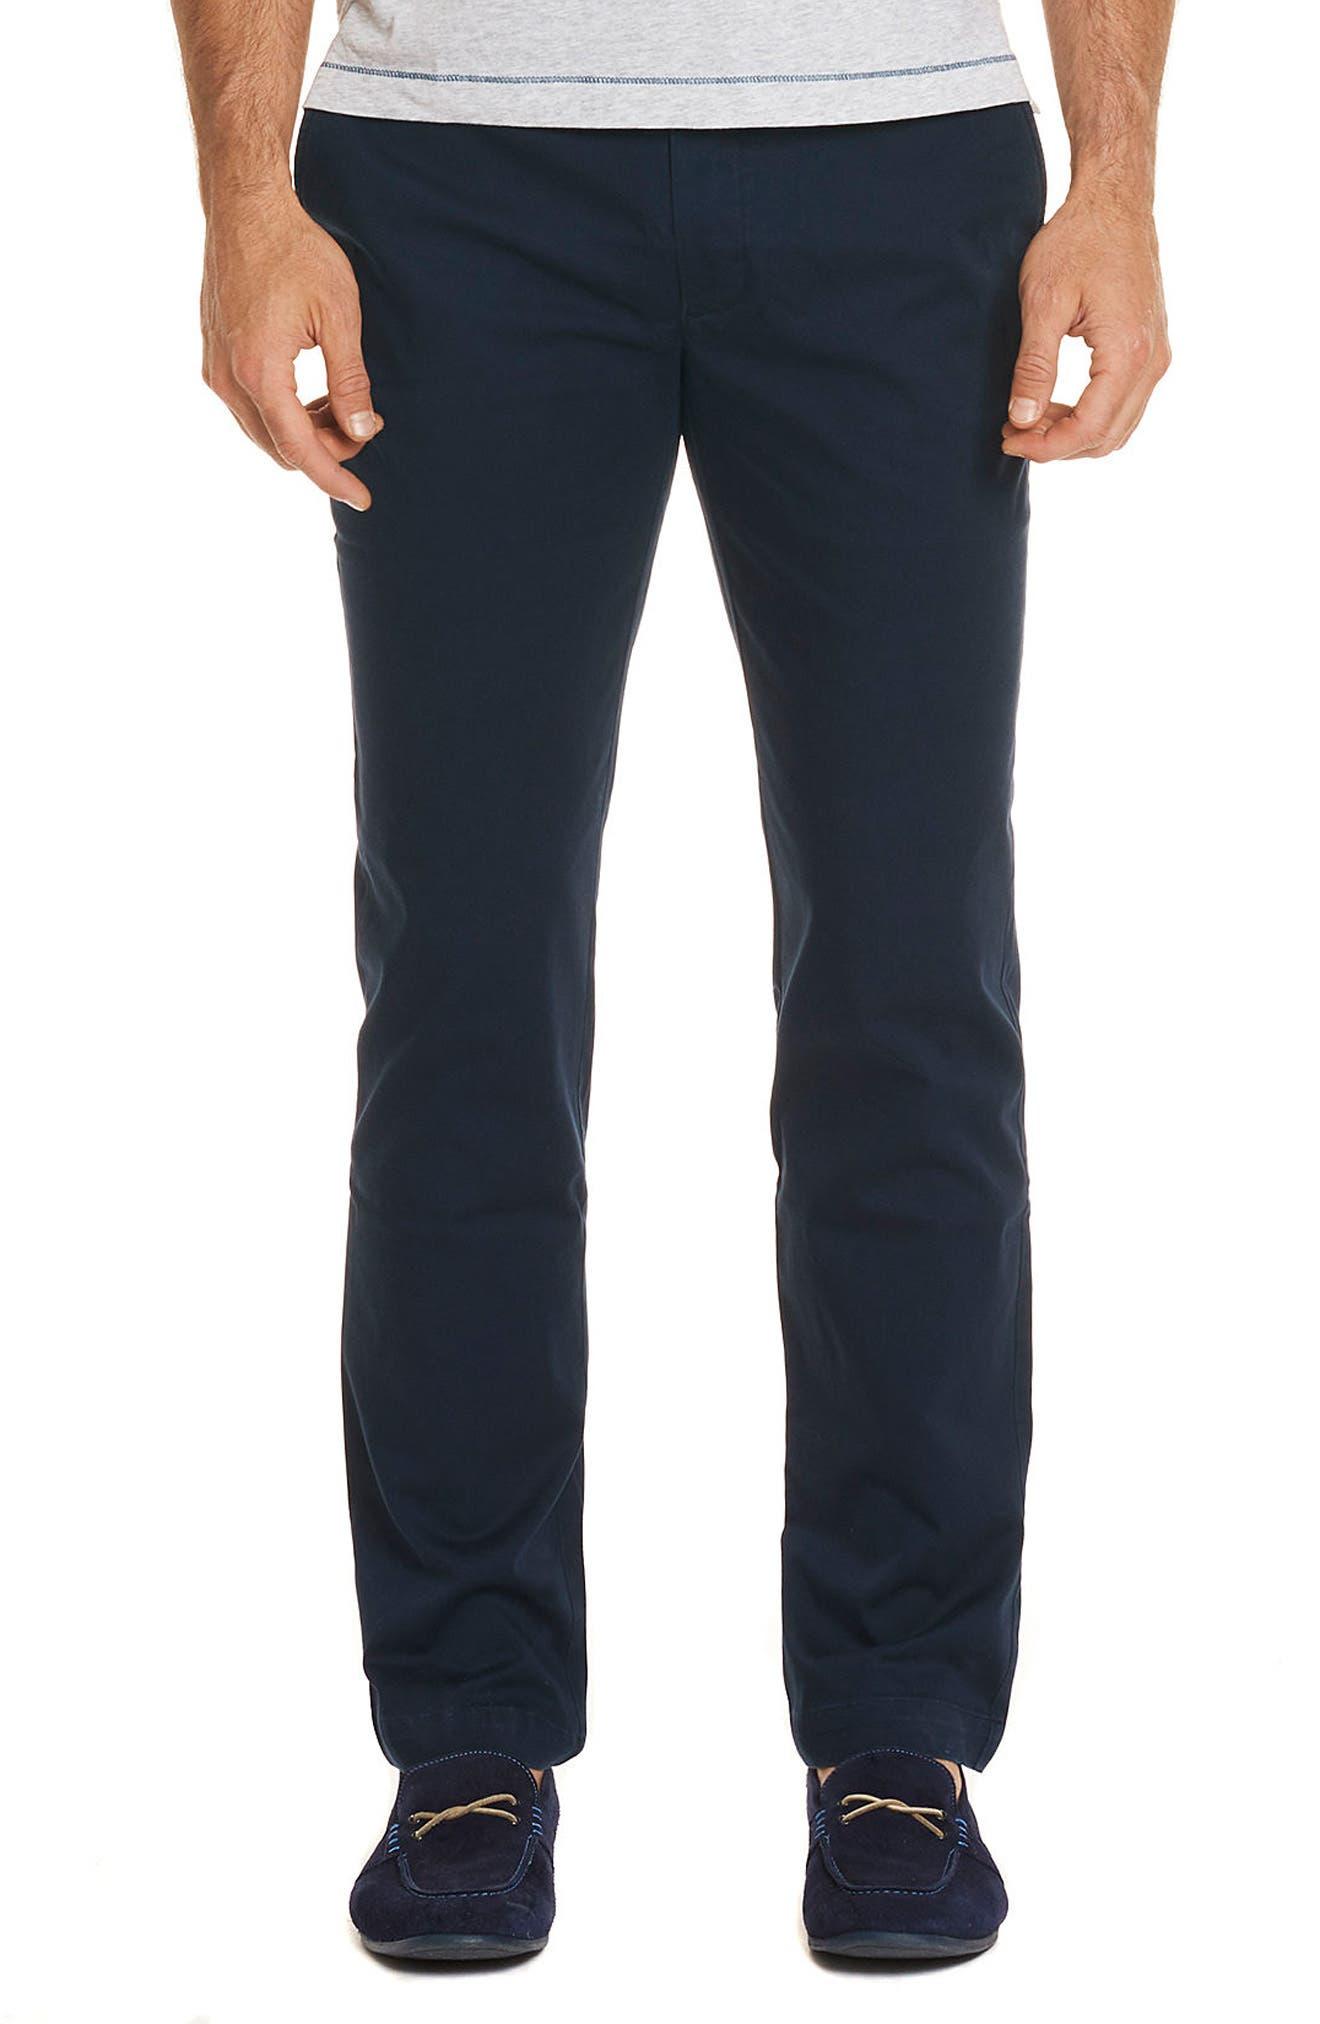 Robert Graham Burton Tailored Fit Pants